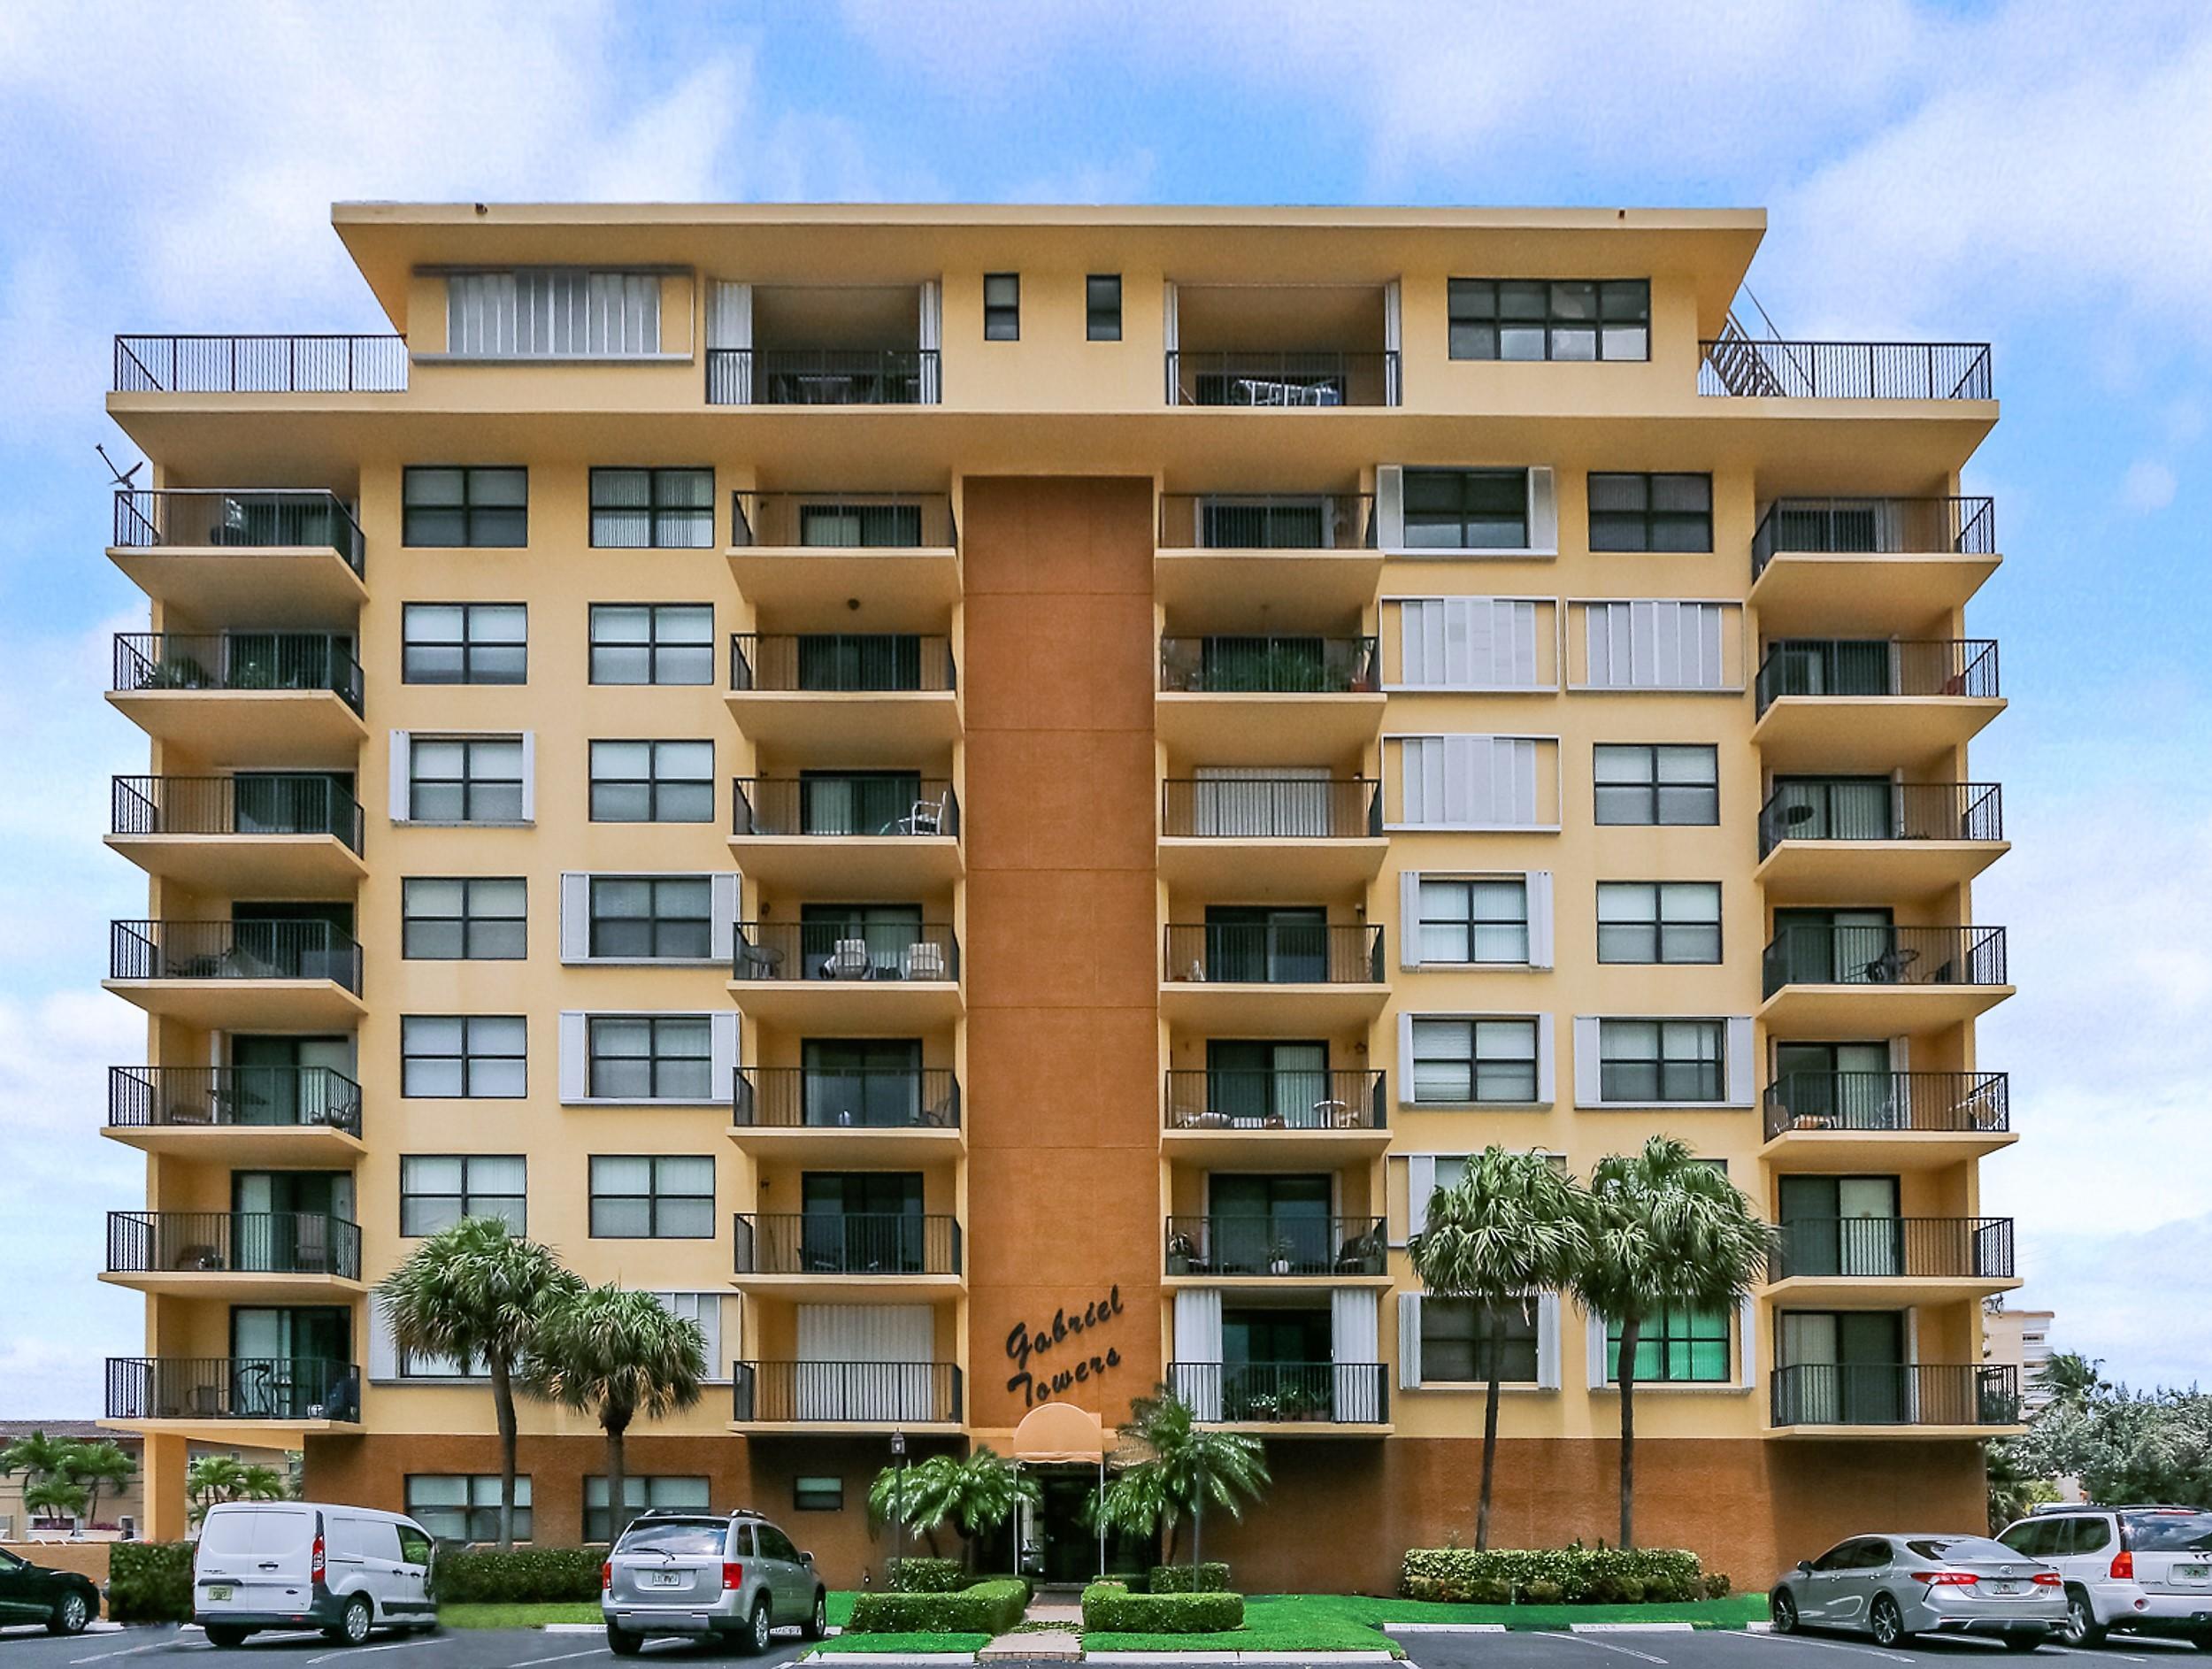 801 Ocean Boulevard, Pompano Beach, Florida 33062, 2 Bedrooms Bedrooms, ,2 BathroomsBathrooms,Condo/Coop,For Sale,GABRIEL TOWERS,Ocean,4,RX-10530251